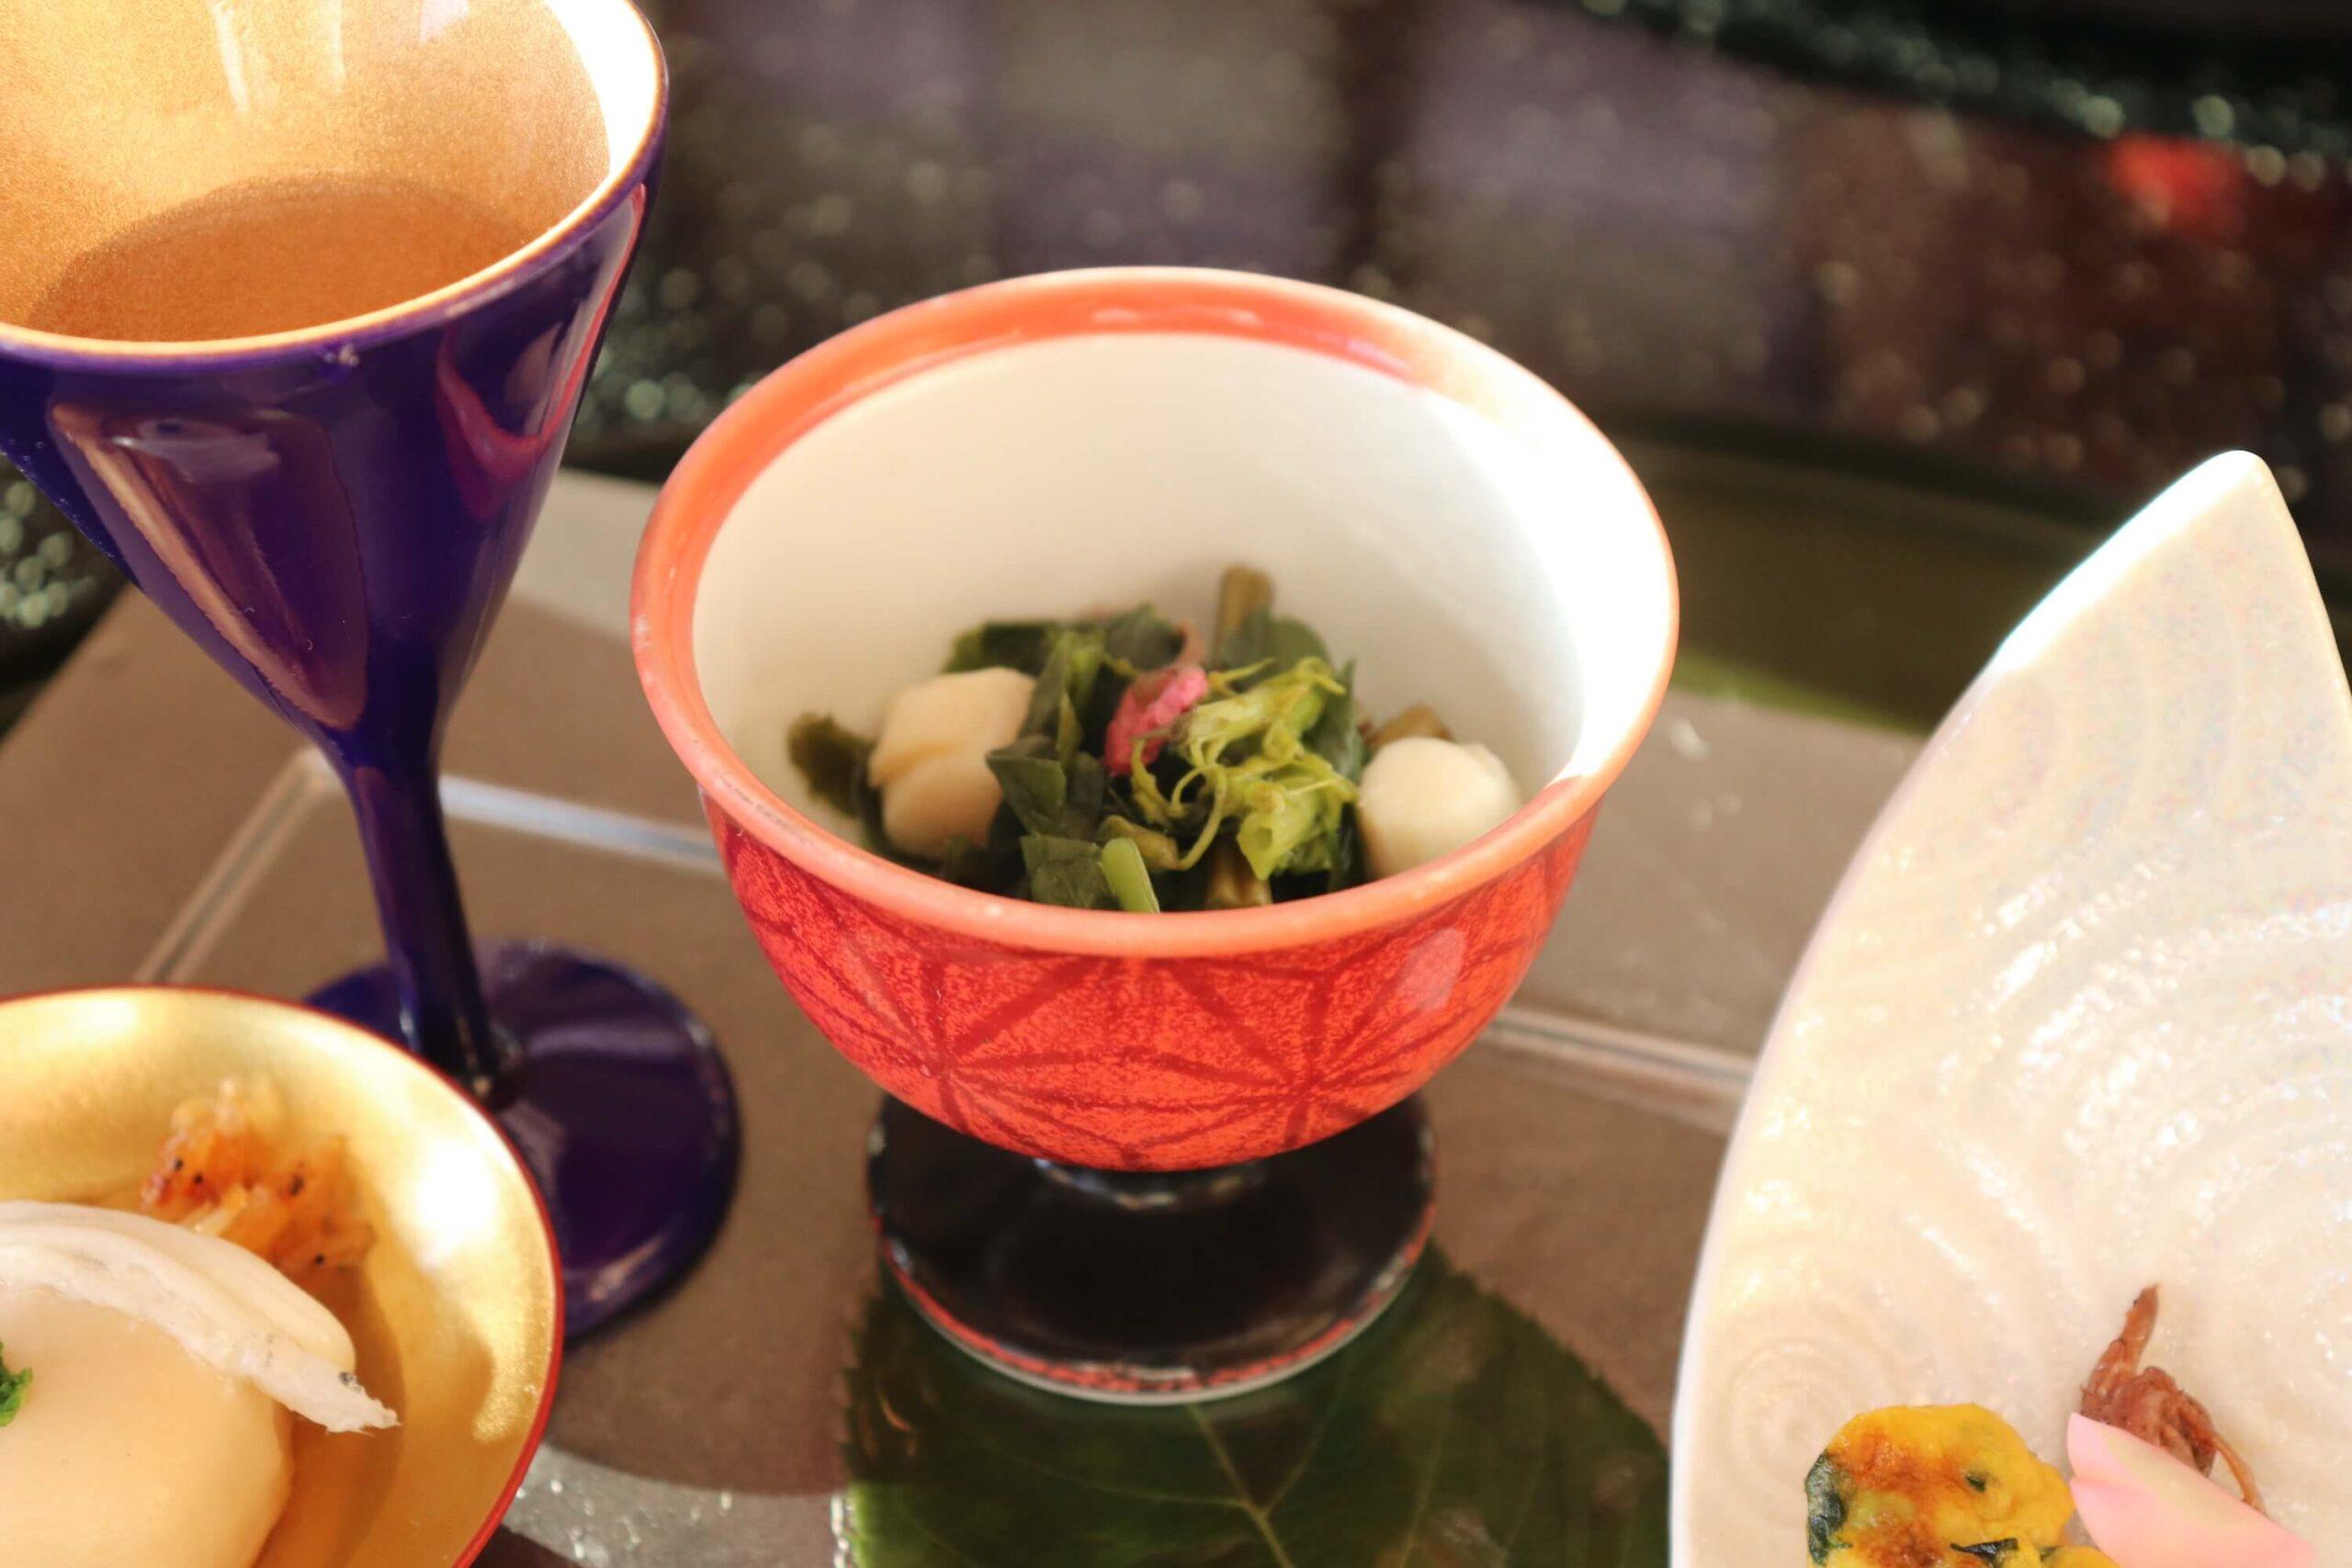 粋松亭の夕食の前菜:煮浸し